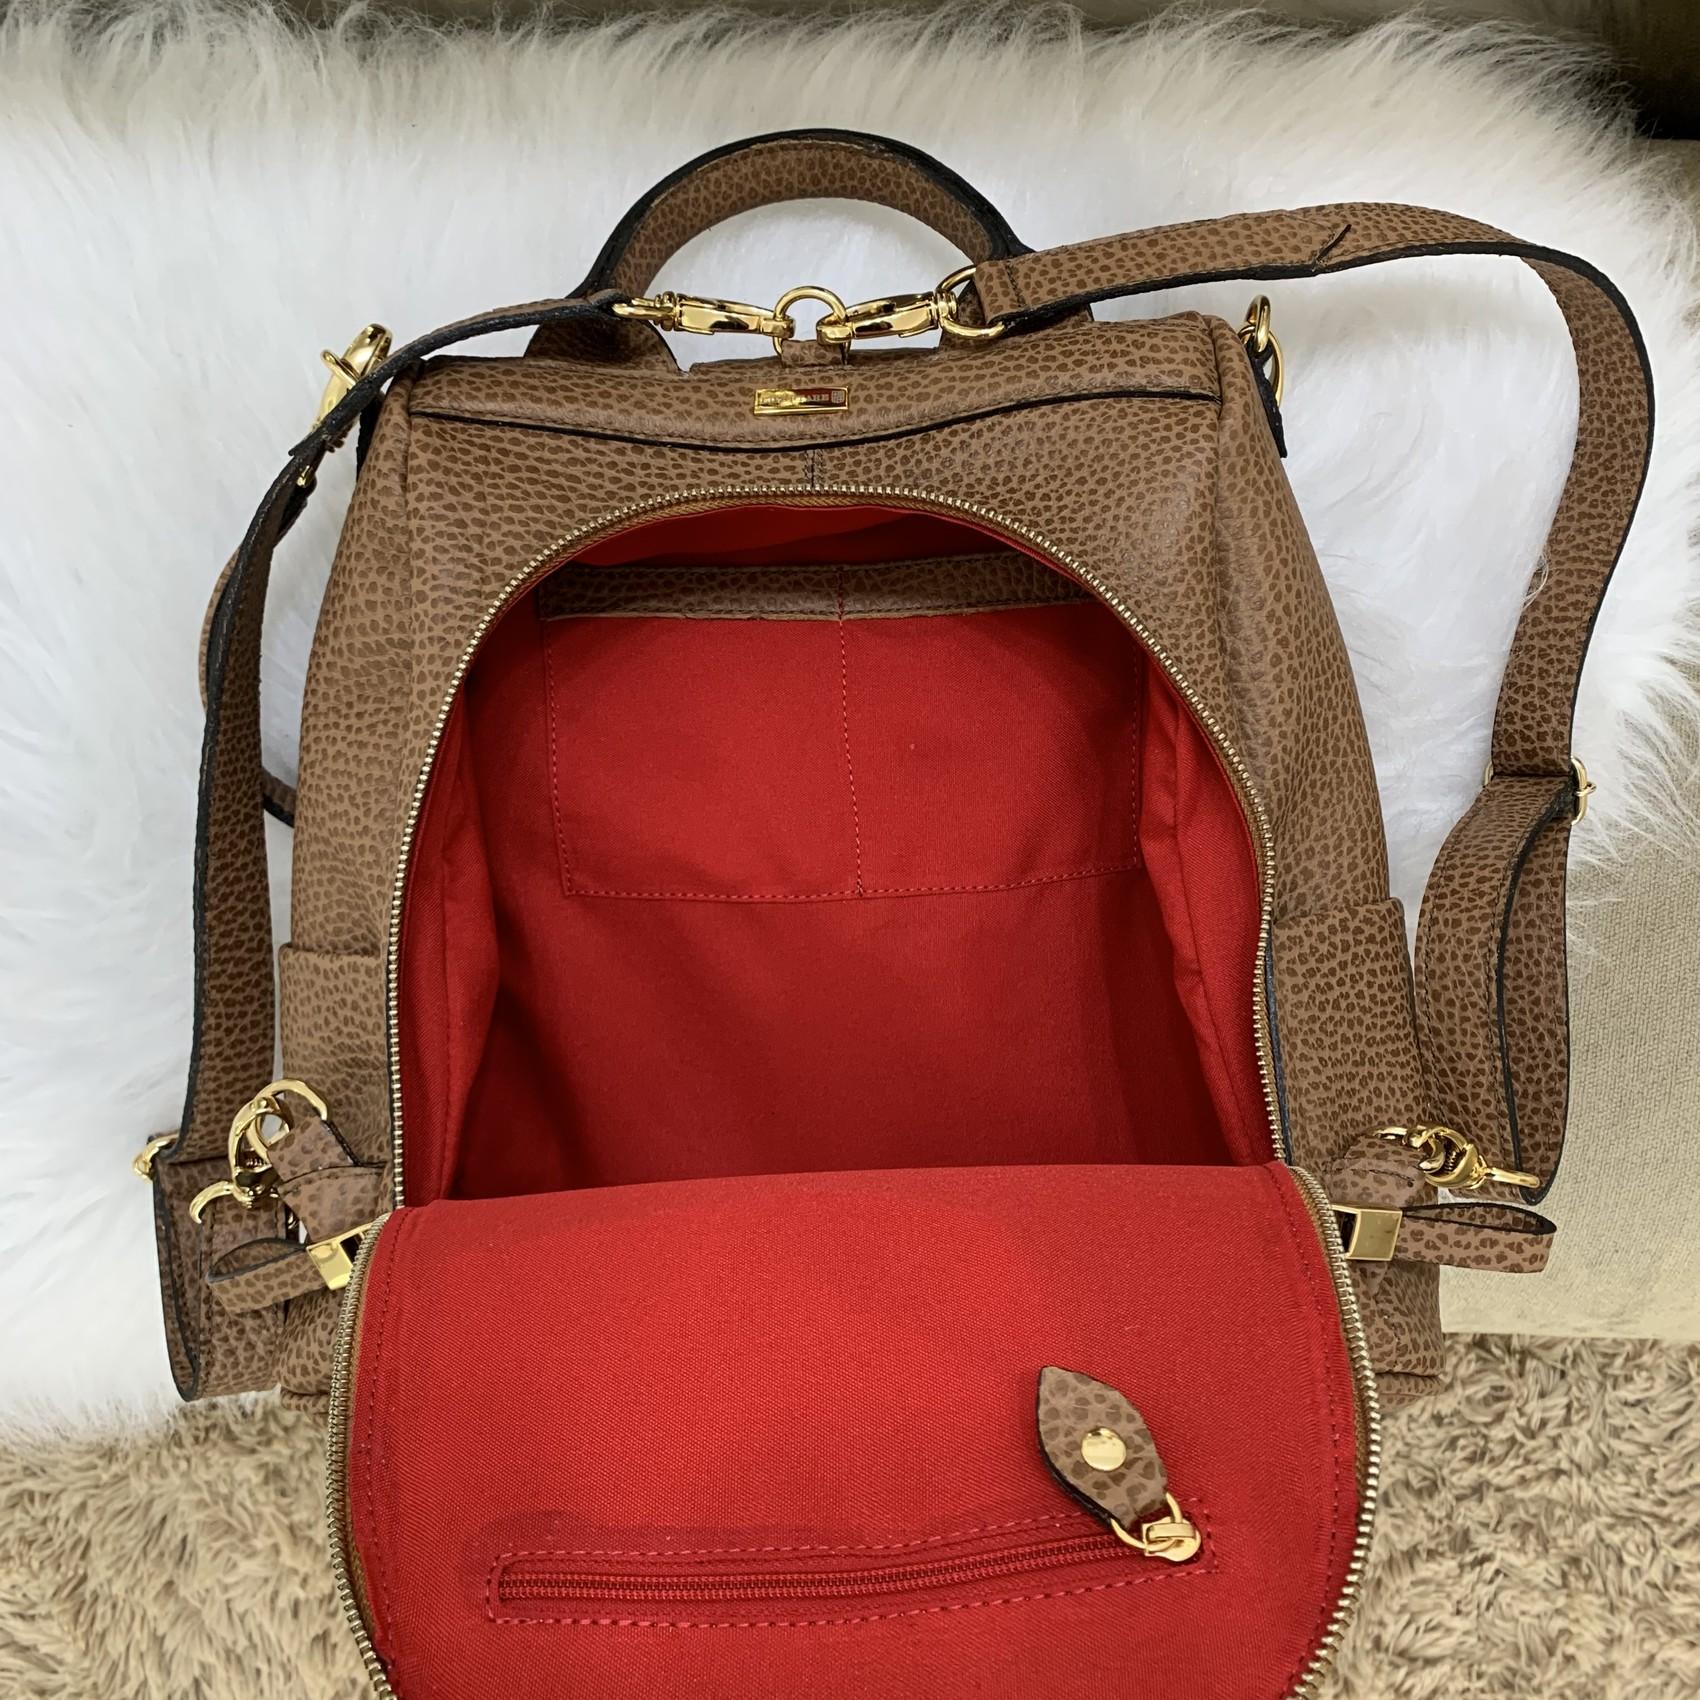 MOCHILA MILÃO Bolsa mochila caramelo em couro legítimo